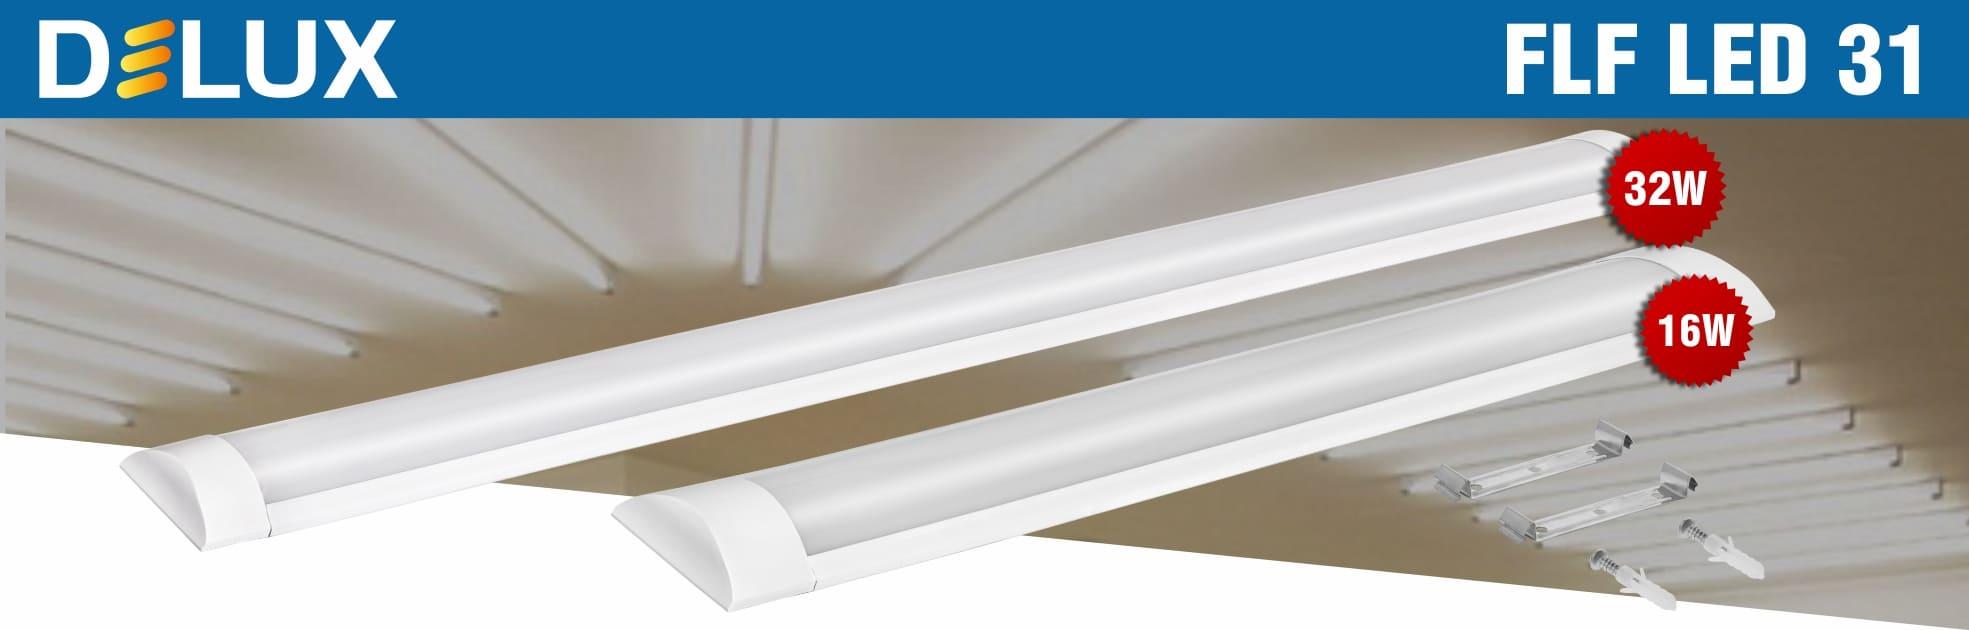 Светильники светодиодные настенно-потолочные Delux FLF LED 31